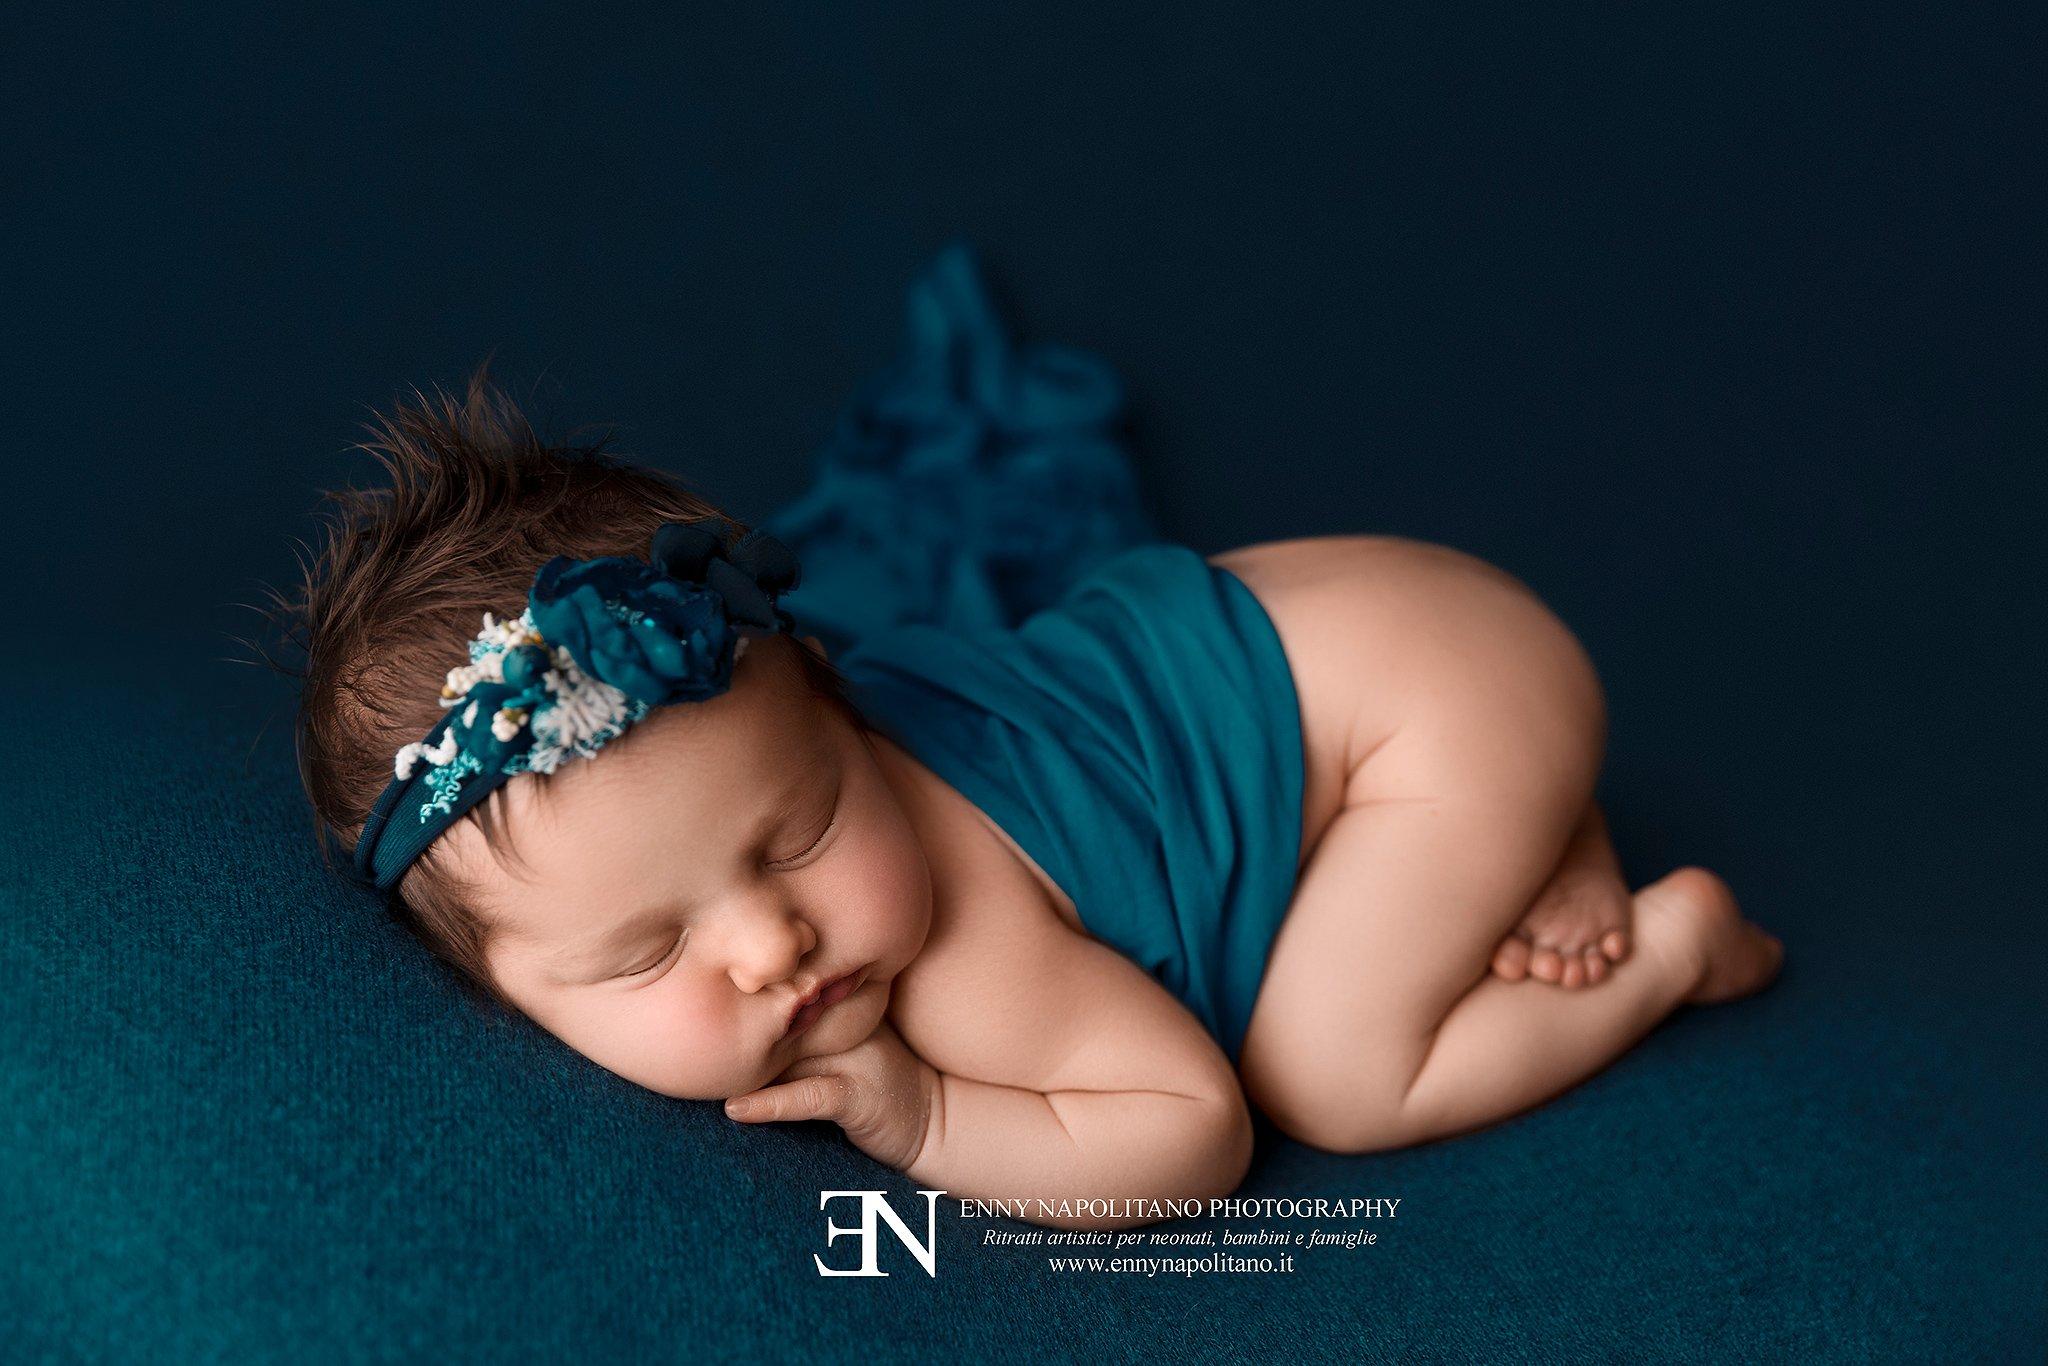 neonata che dorme sulla pancia su una coperta blu petrolio ottanio durante un servizio fotografico newborn per neonati e bambini a Milano